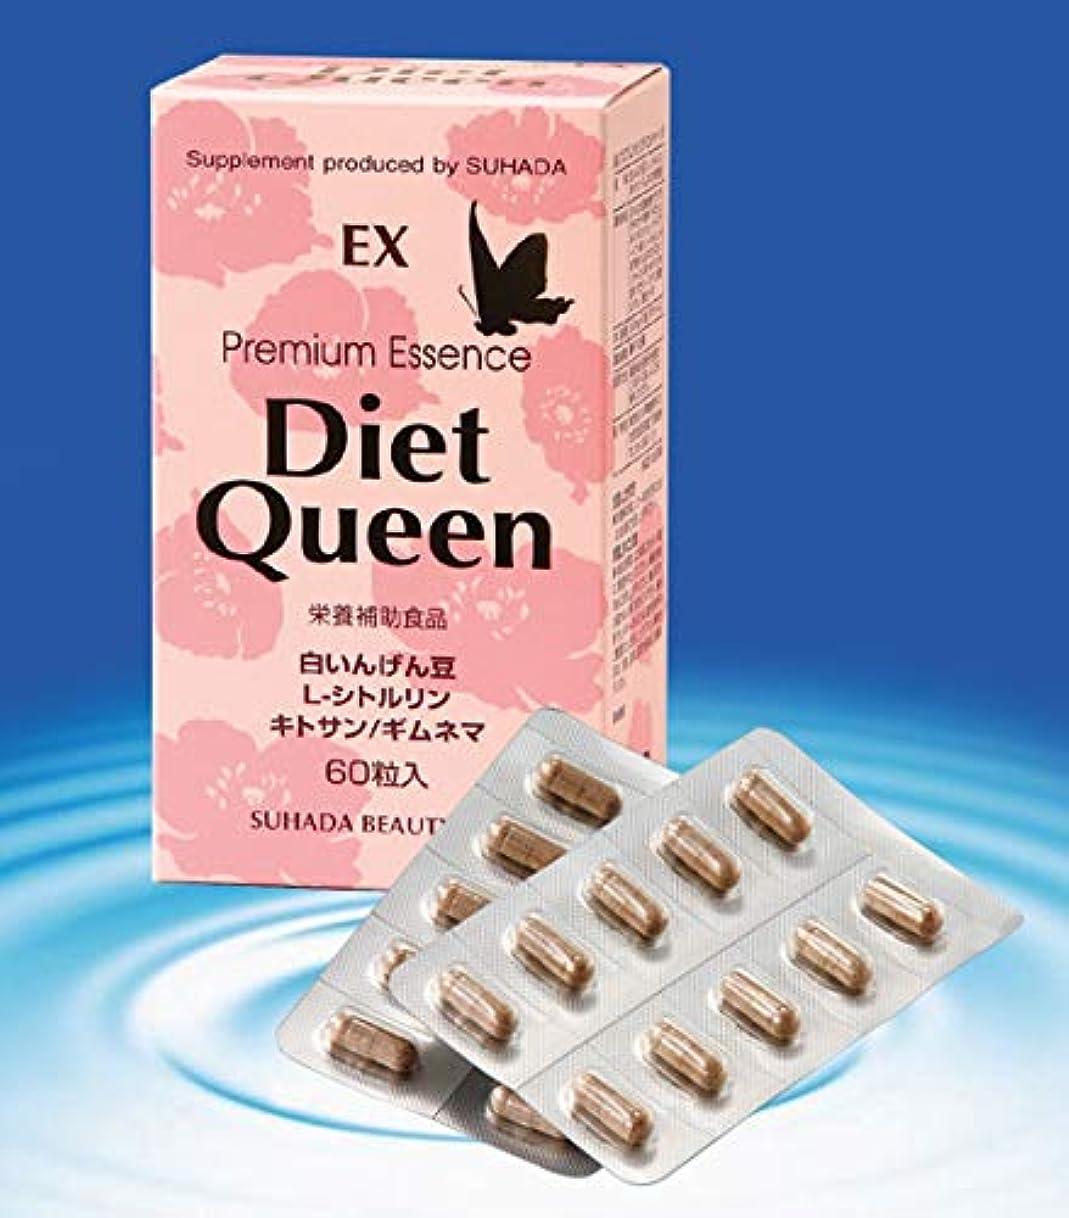 爆発物余計な服を着るプレミアムエッセンス ダイエットクイーン EX 60粒 Premium Essence Diet Queen